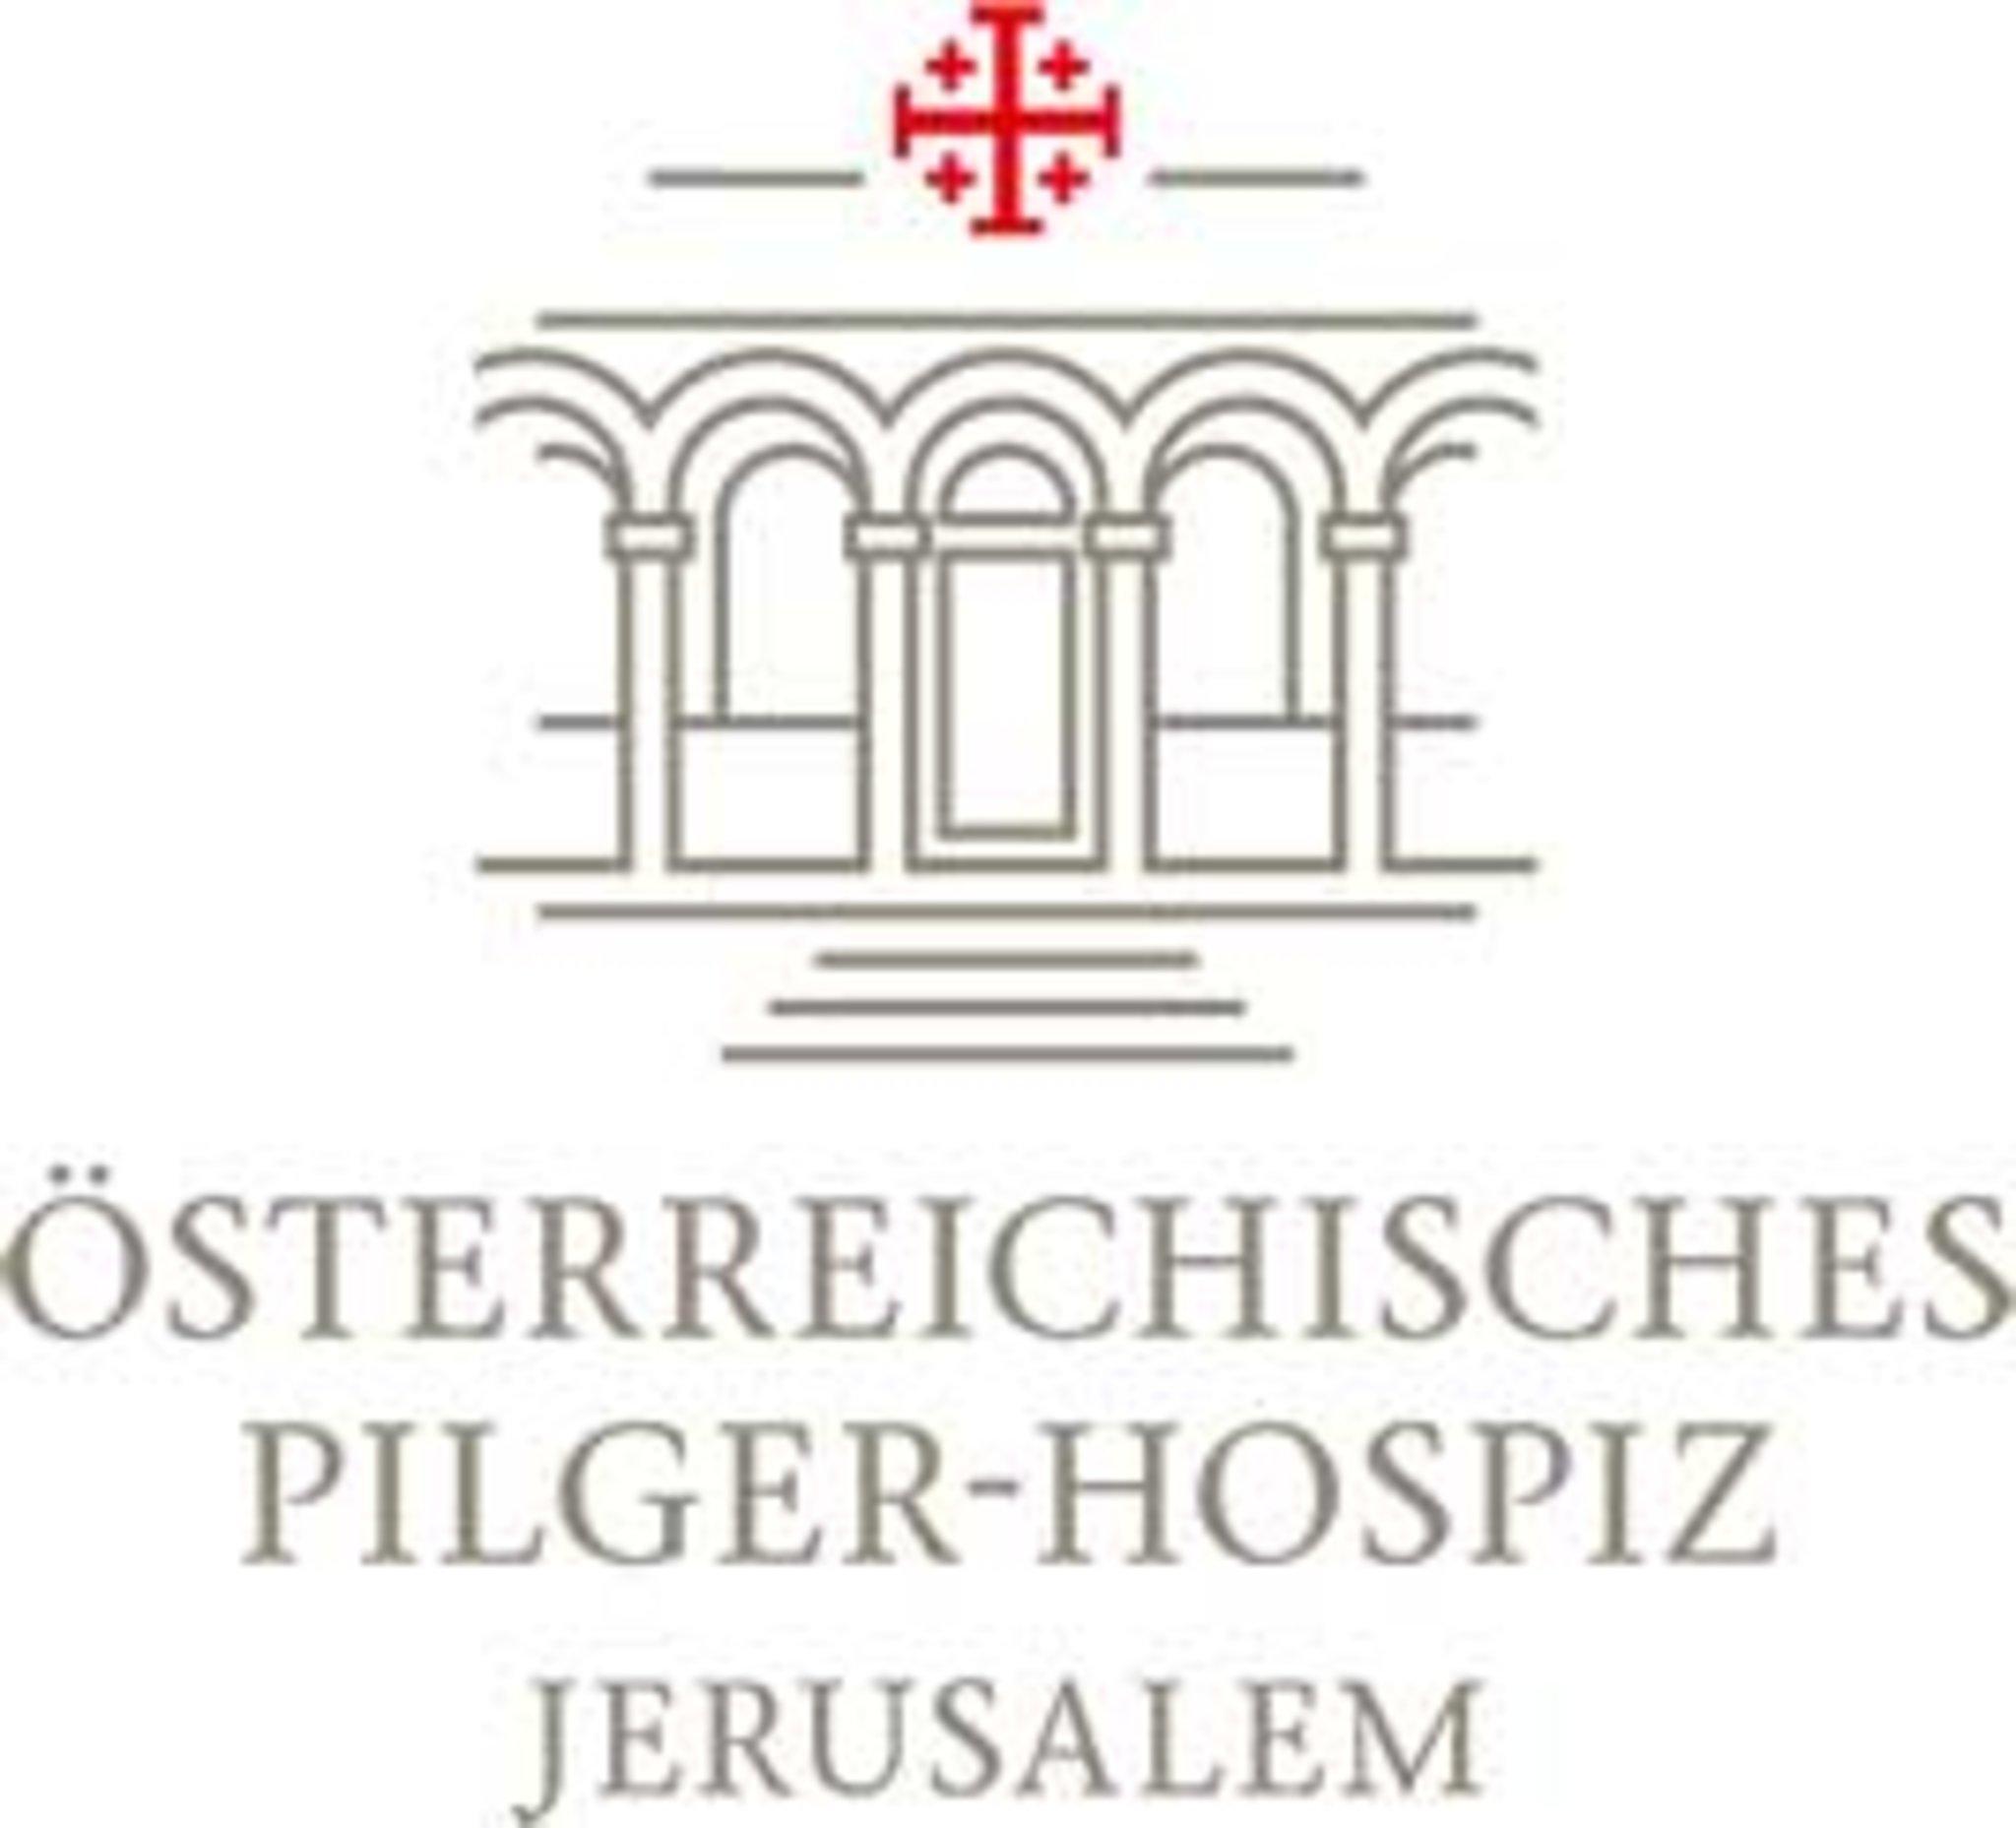 Österreichisches Pilger-Hospiz Jerusalem